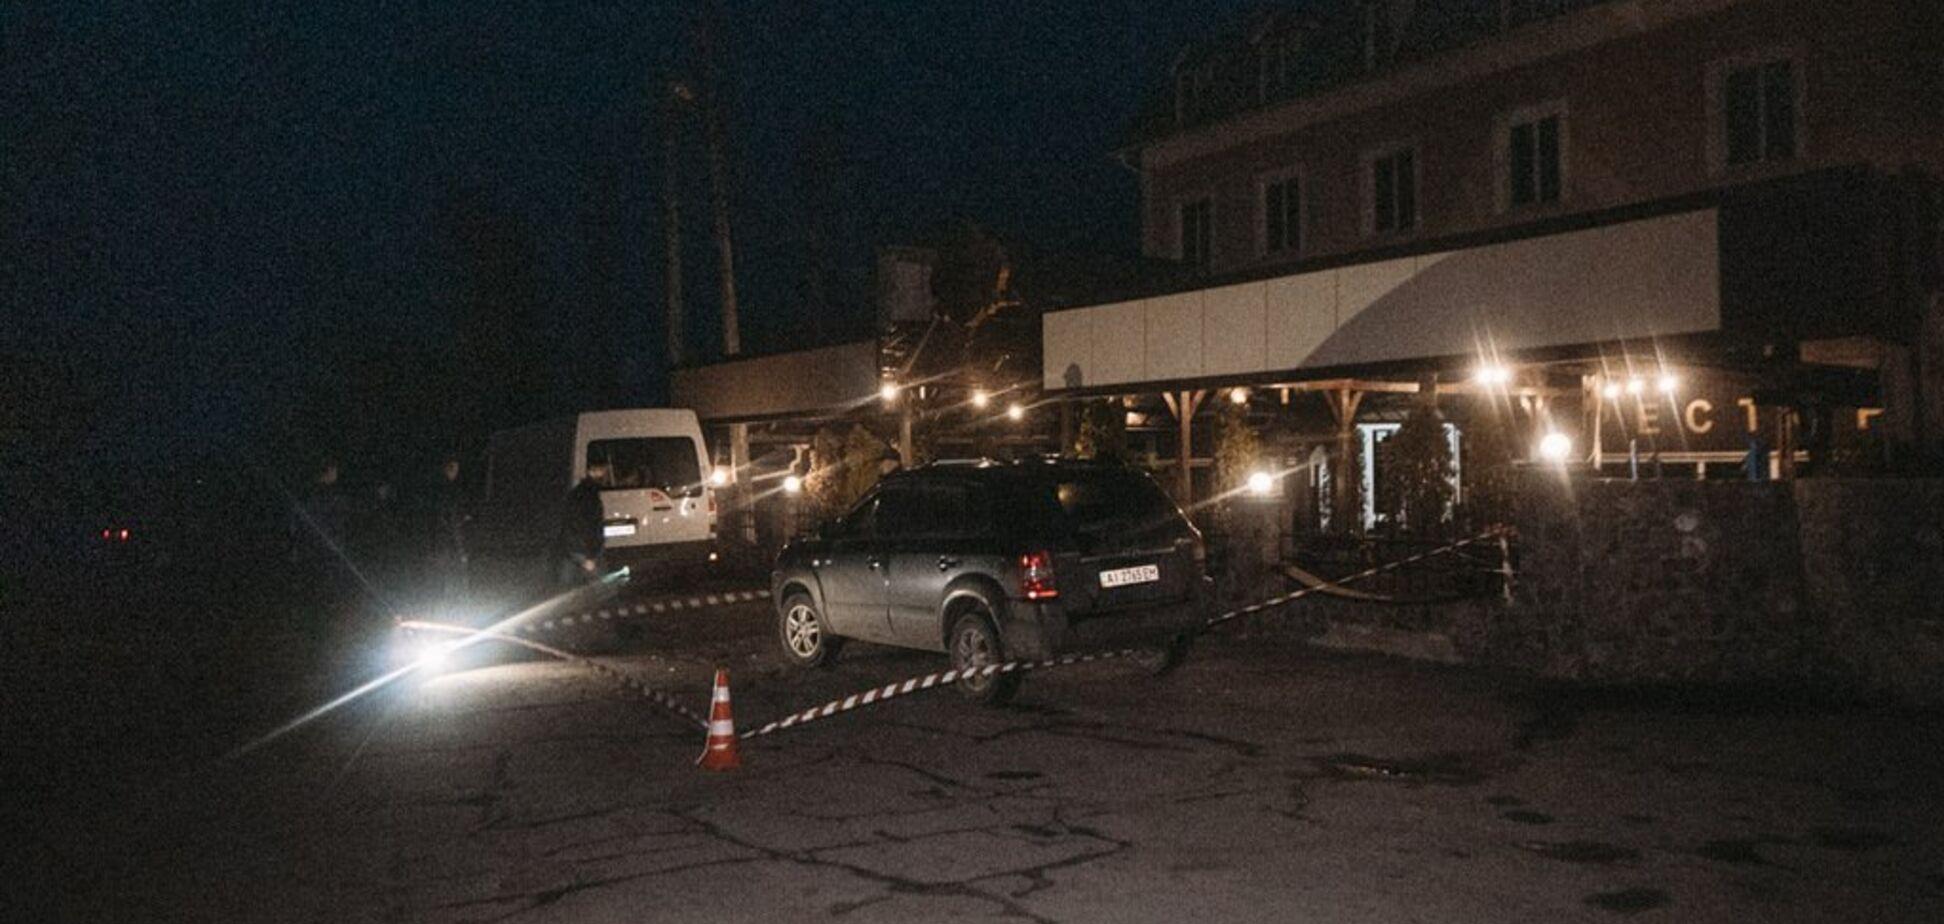 Під Києвом застрелили замначальника відділу поліції: оголошено план 'Сирена'. Усі подробиці